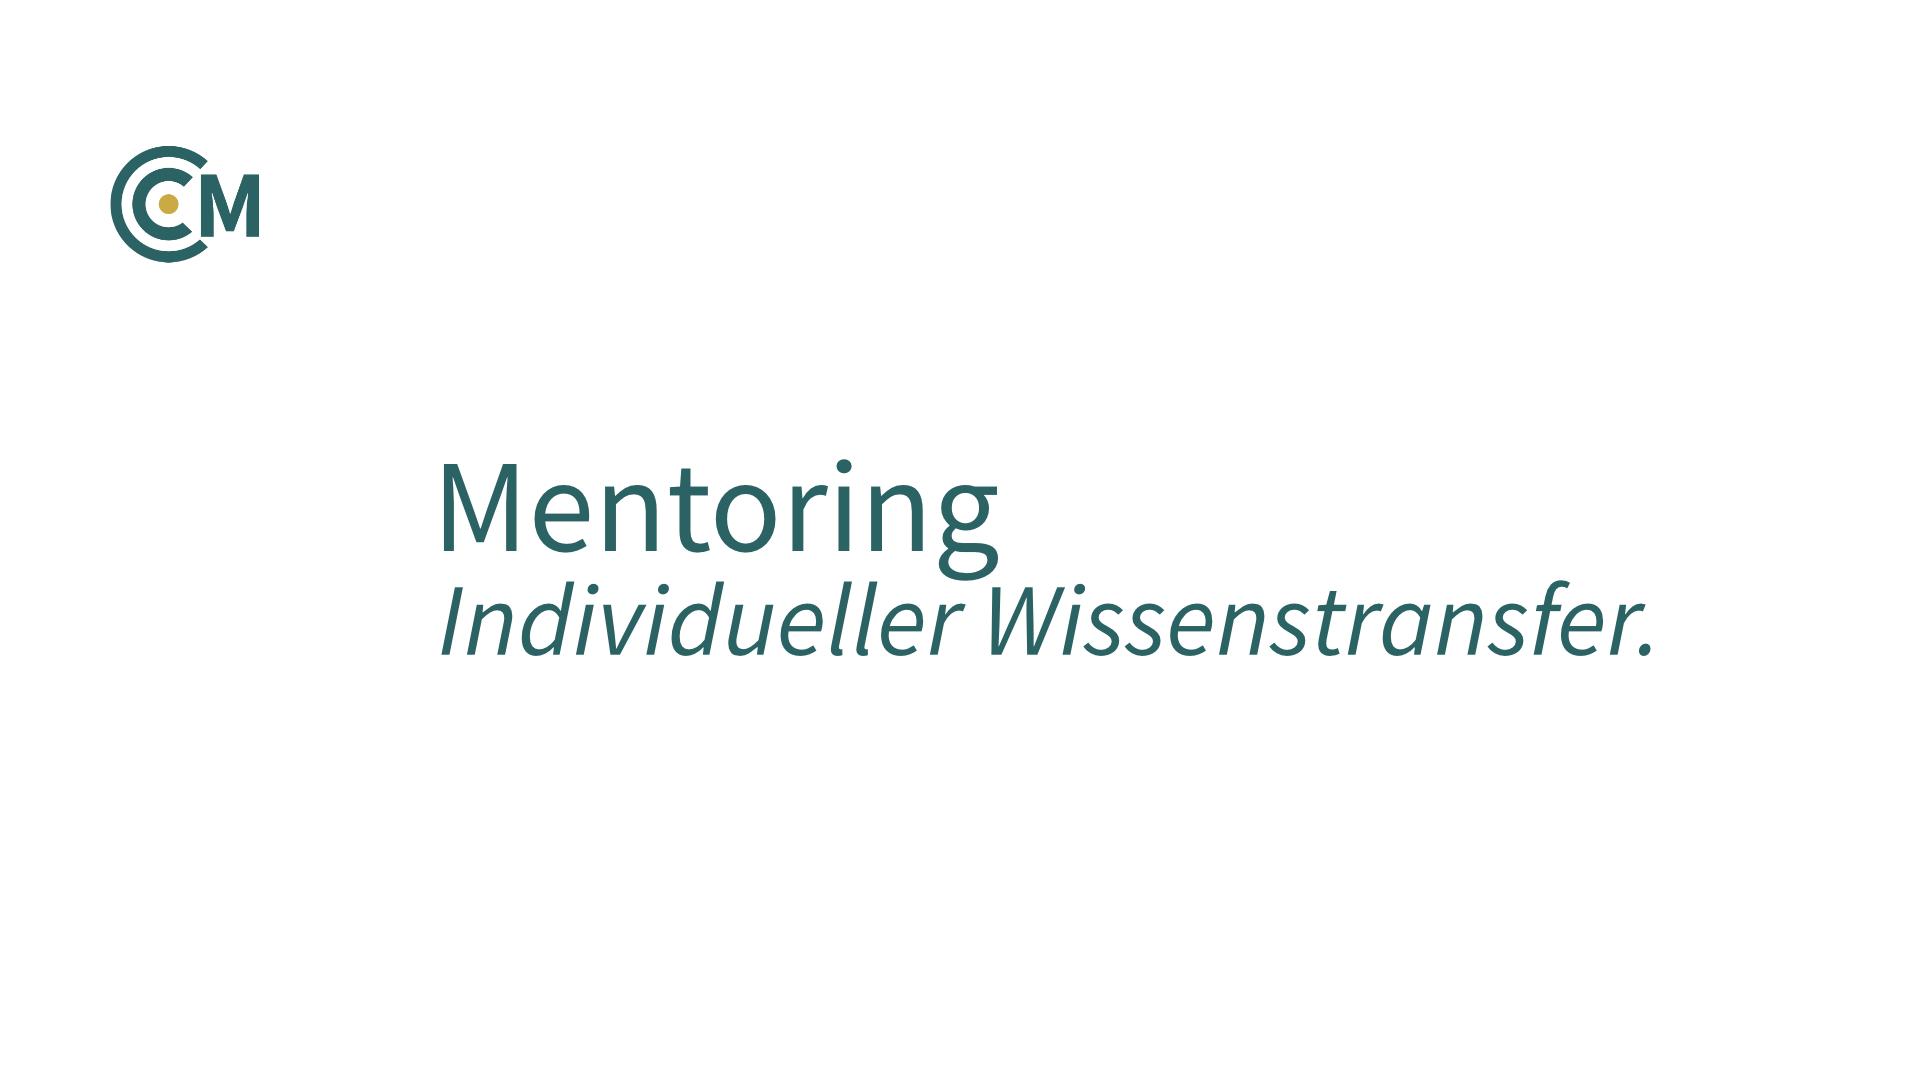 ccm-mentoring-wissenstransfer.jpg